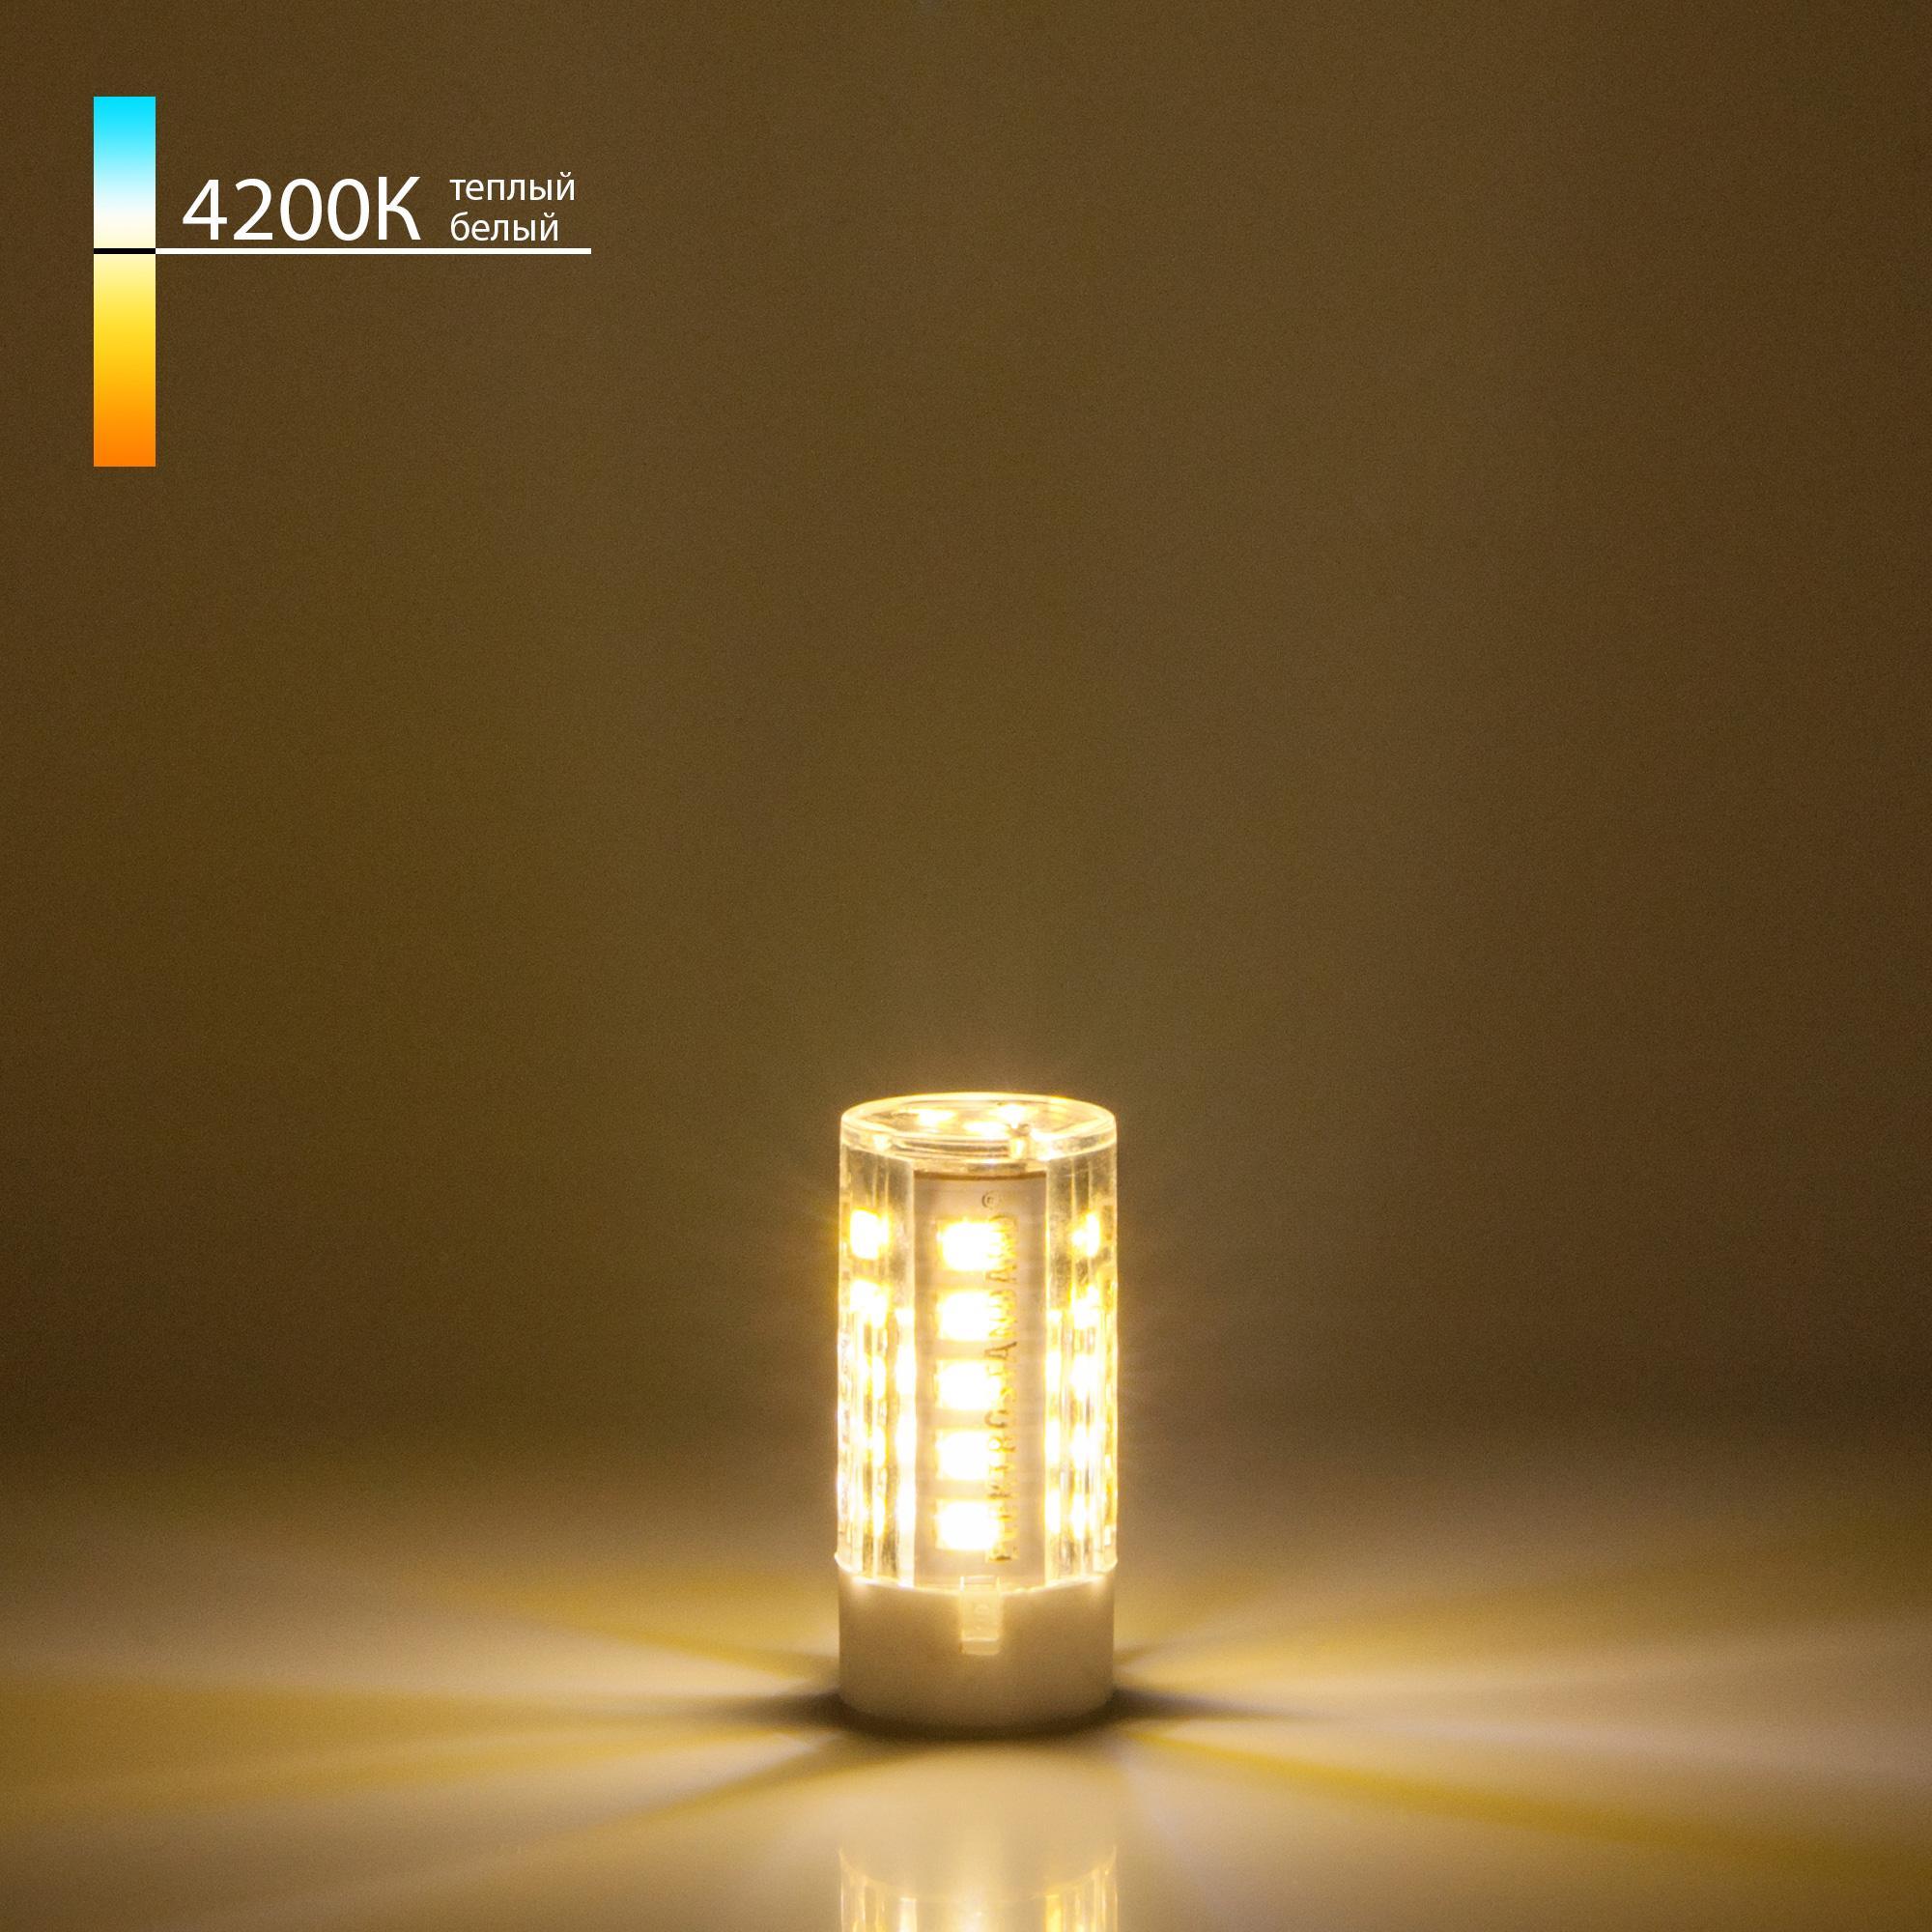 G4 LED BL104 5W 220V 4200K